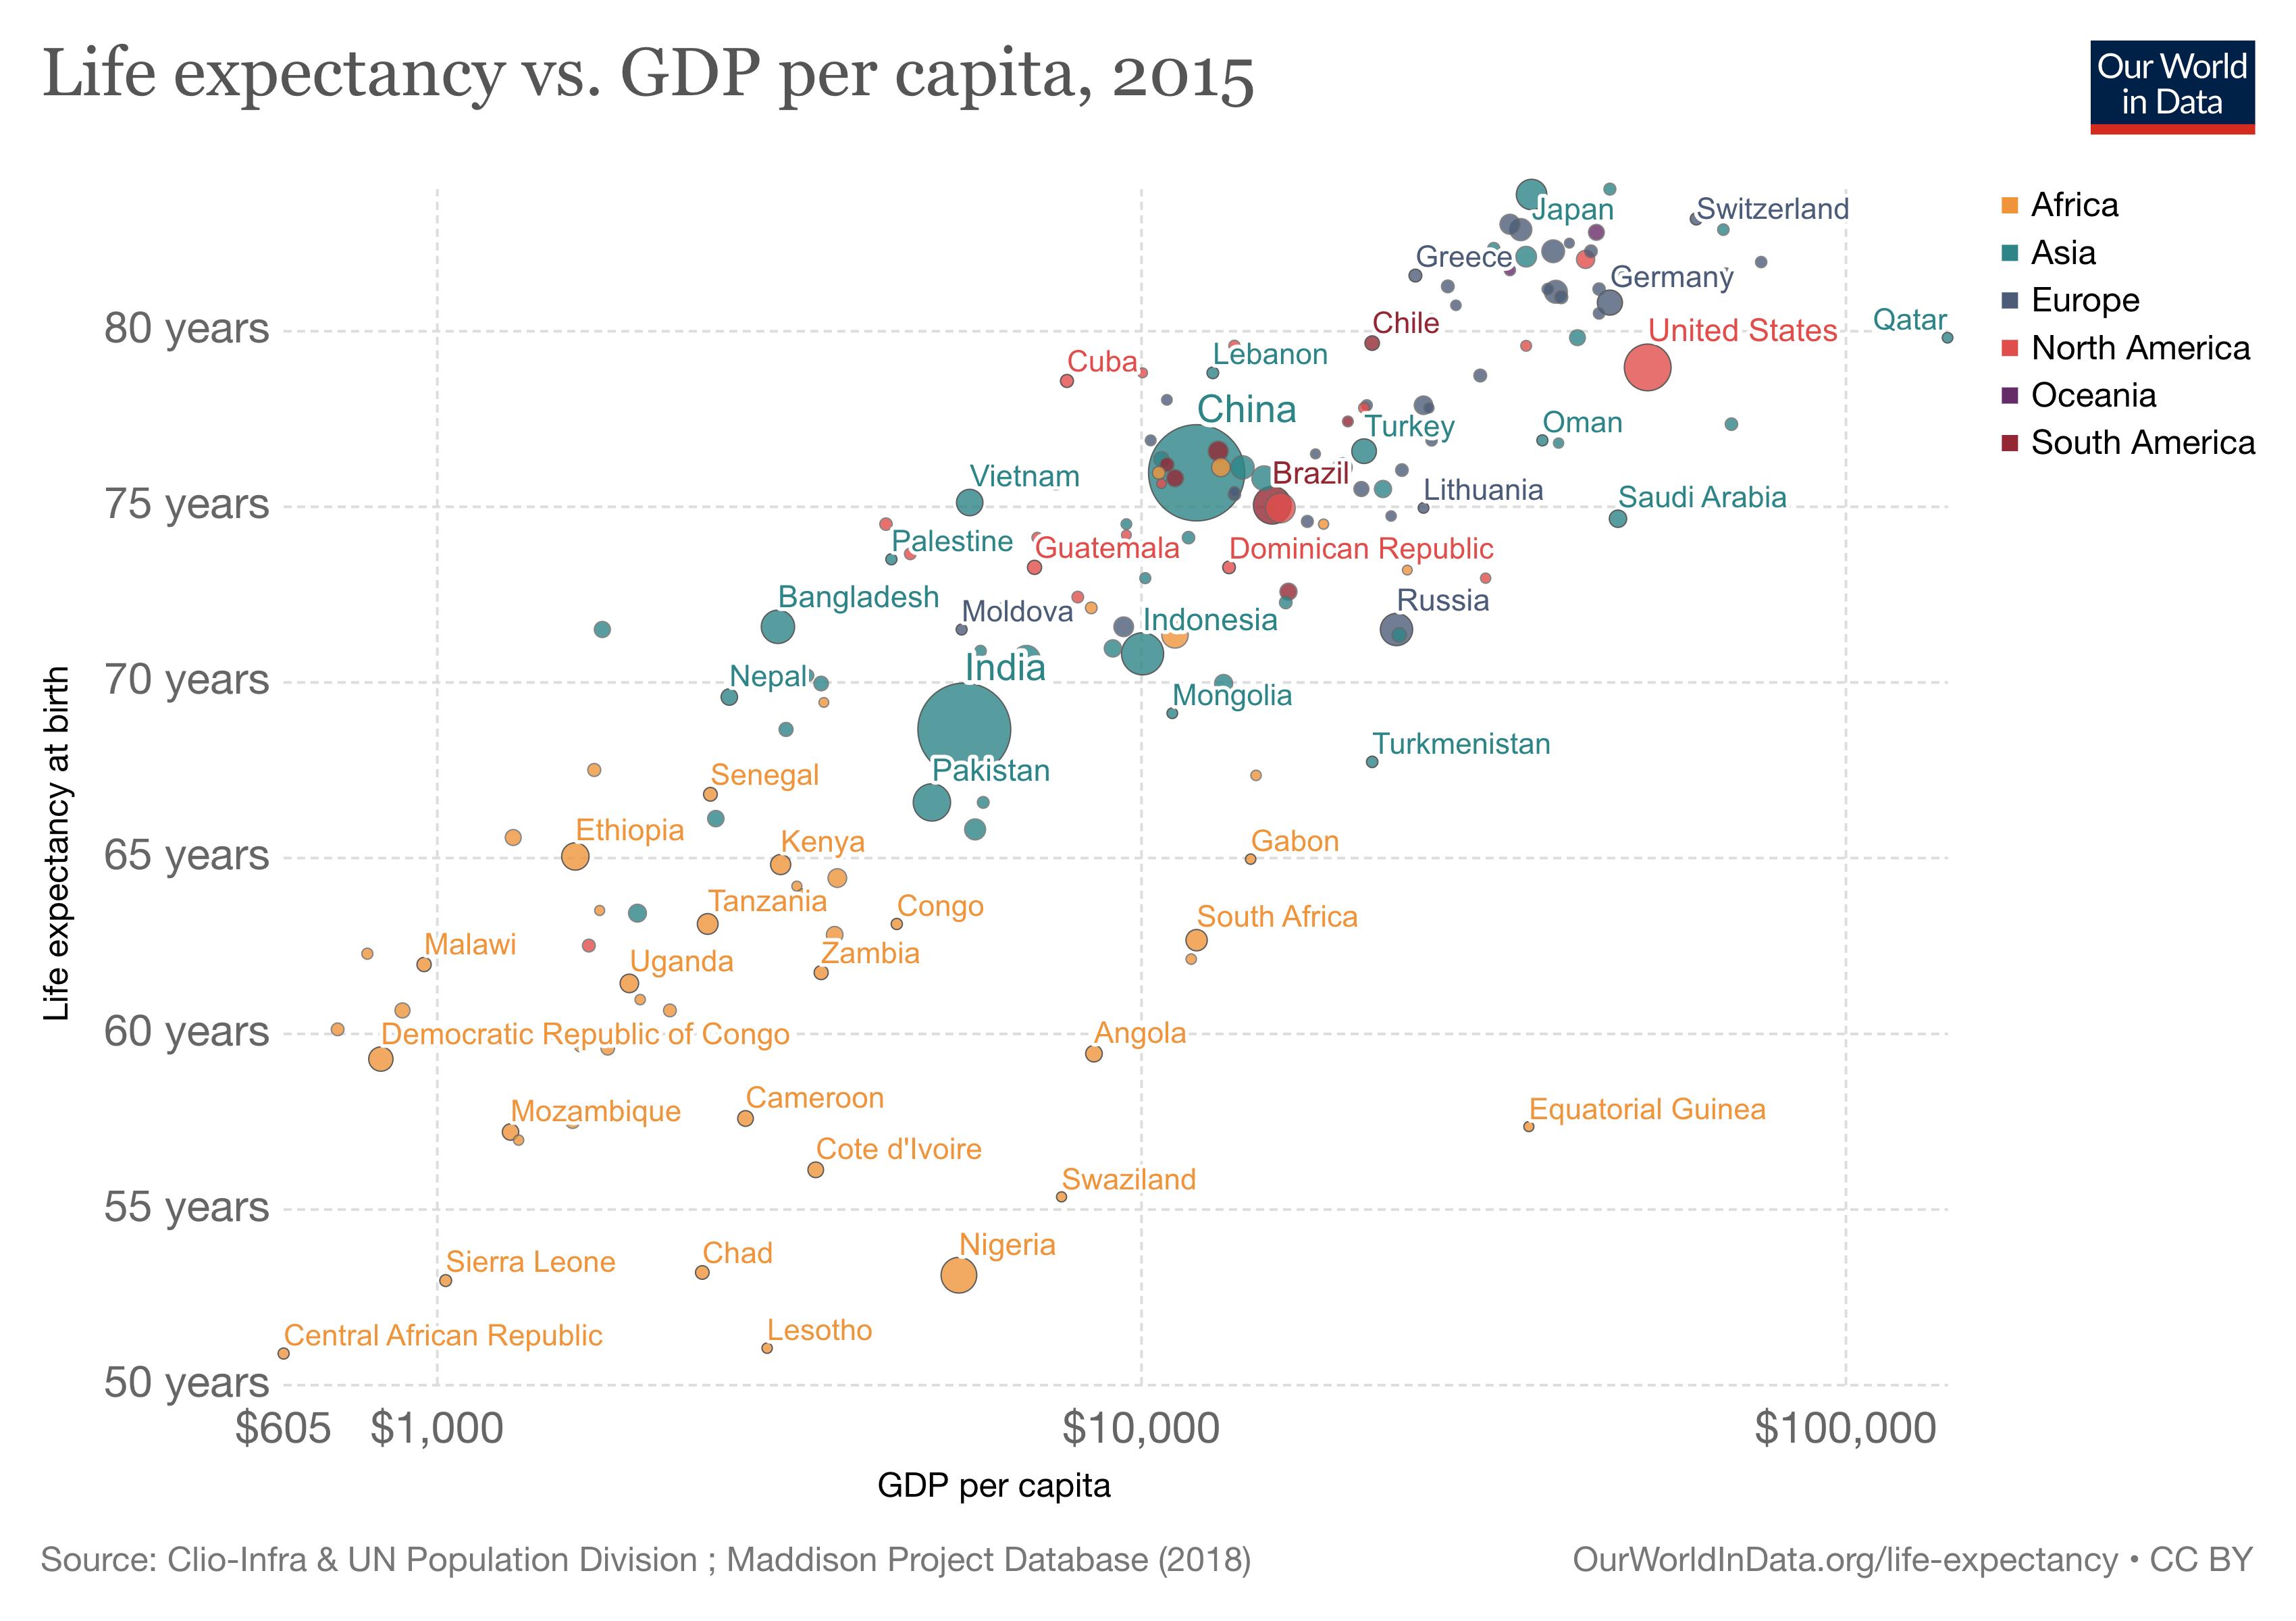 esperanza-de-vida-pib-per-capita.png